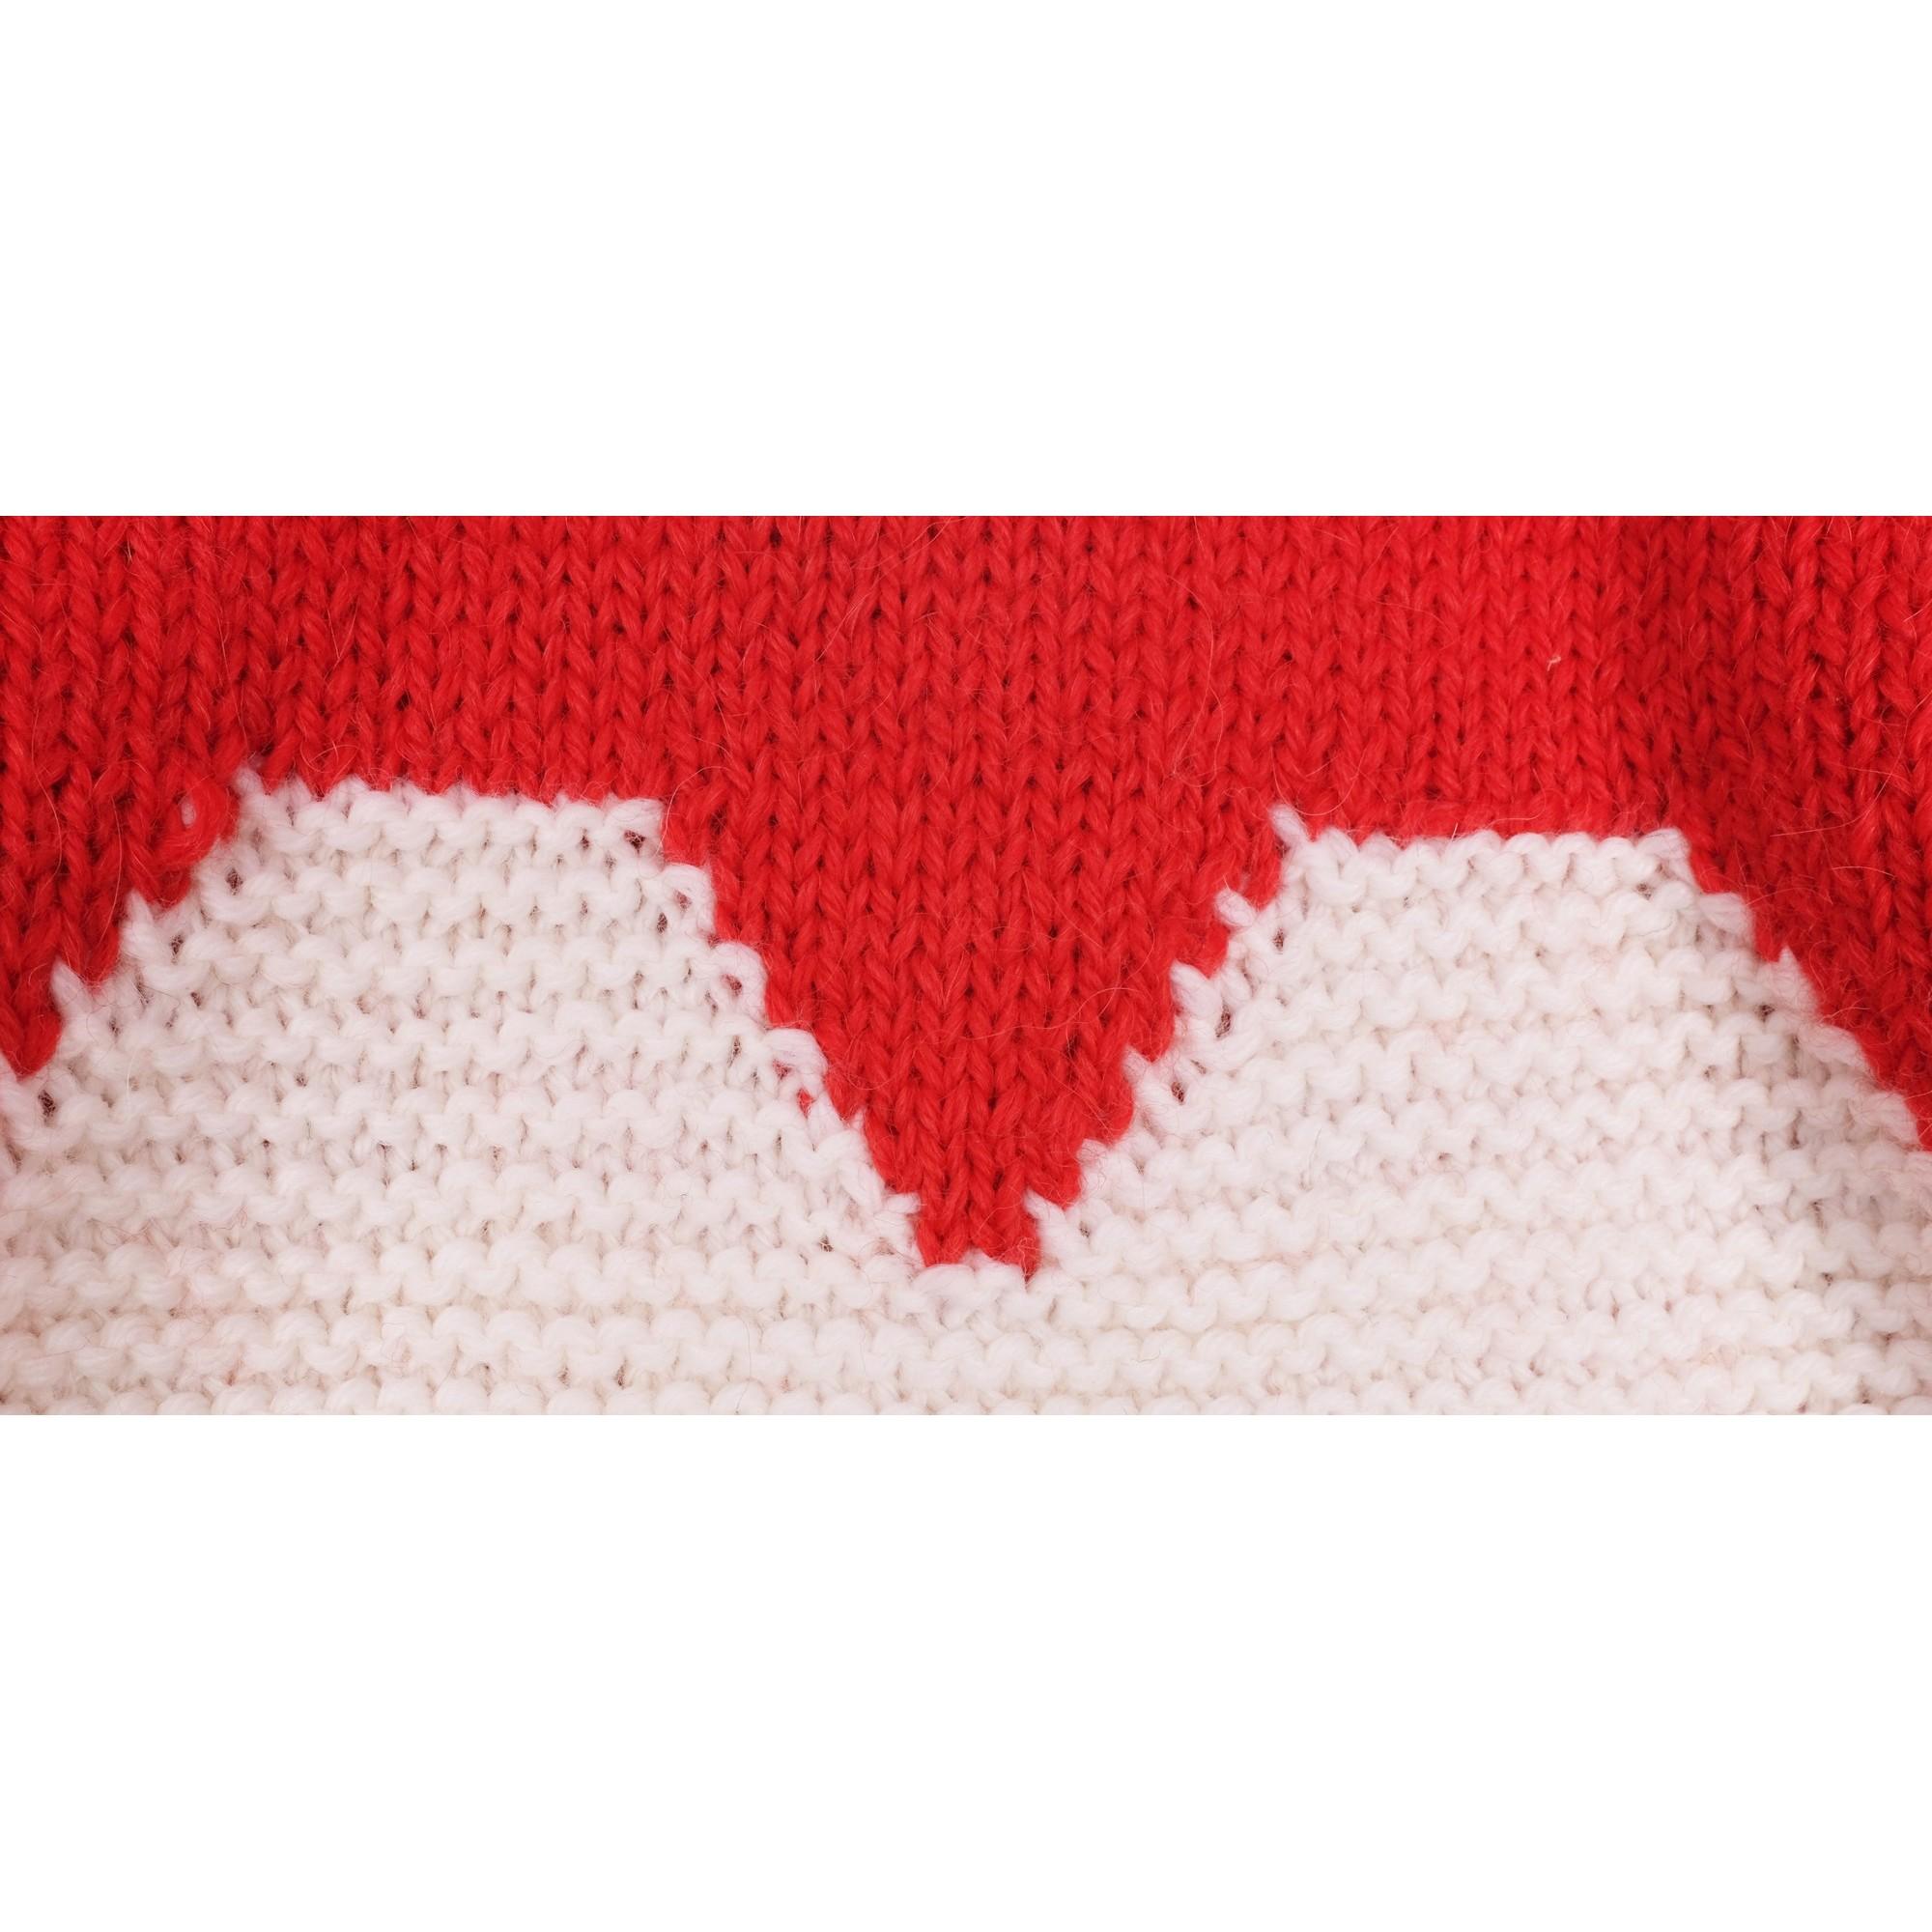 Pull Agénor laine alpaga rouge coeur blanc enfant détail 2